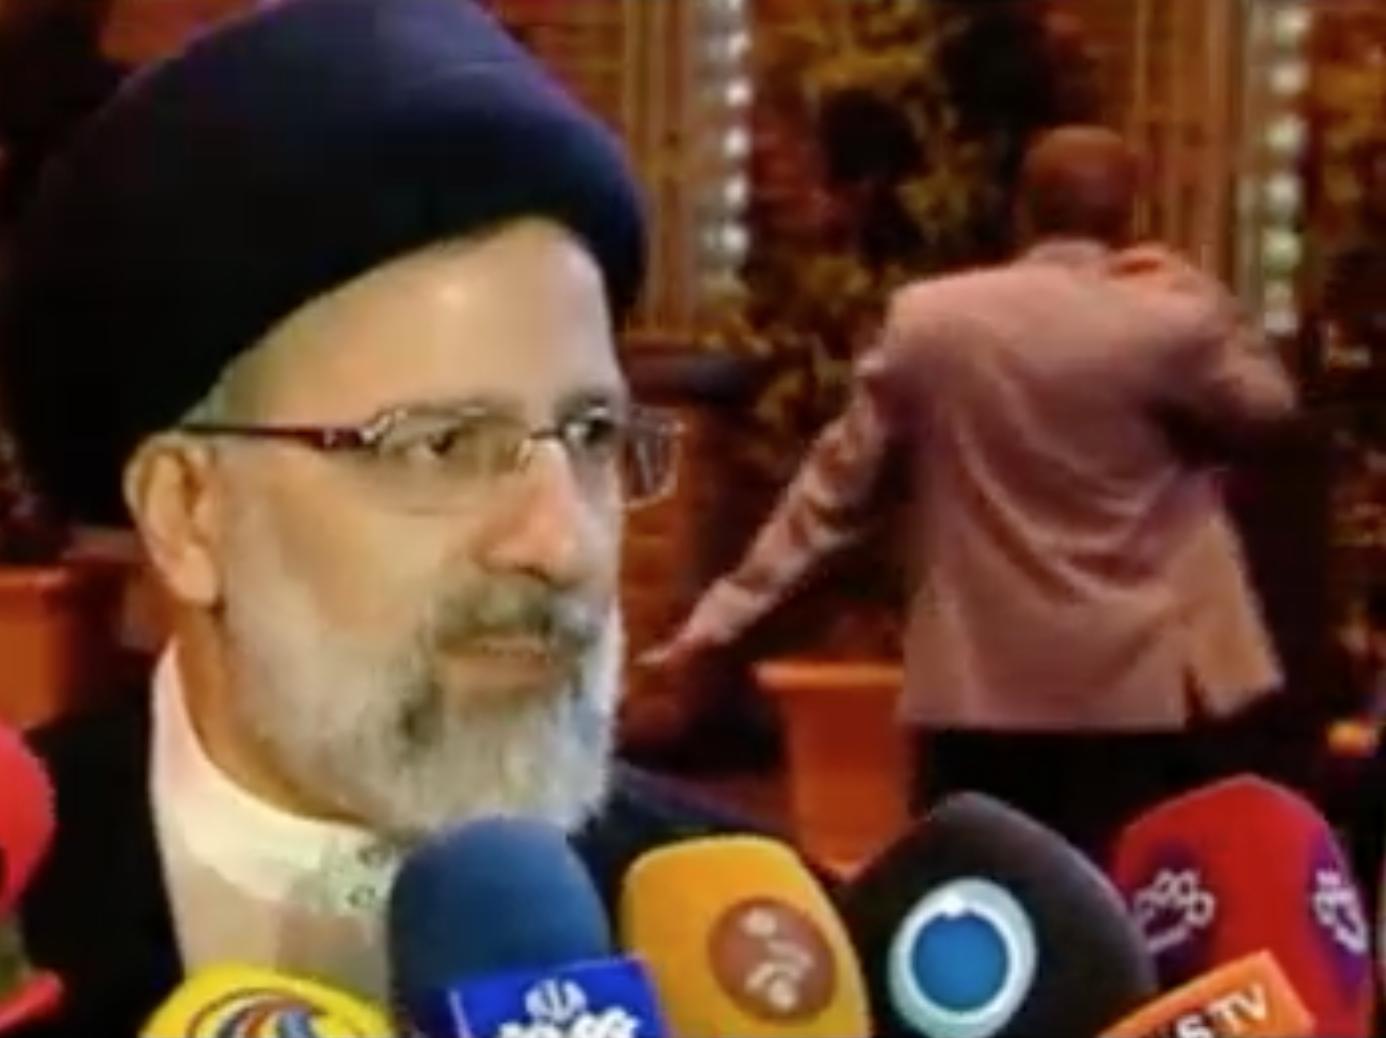 درخواست حجت الاسلام رئیسی از صدا و سیما